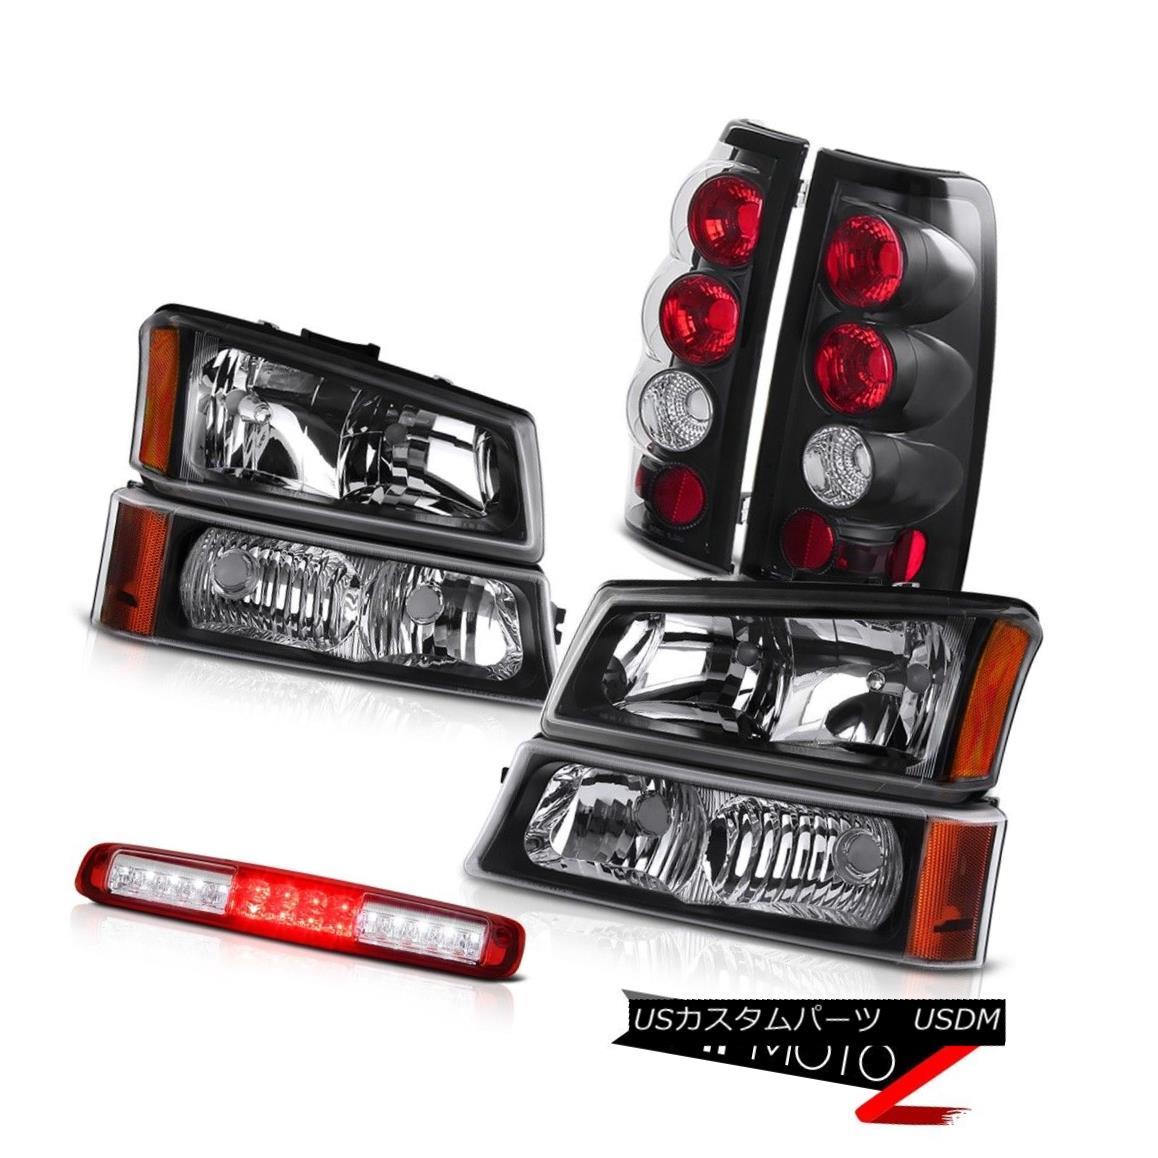 テールライト 03-06 Chevy Silverado 2500Hd Black Parking Lamp Roof Cargo Headlights Taillights 03-06 Chevy Silverado 2500Hdブラックパーキングランプ屋根カーゴヘッドライトテールライト